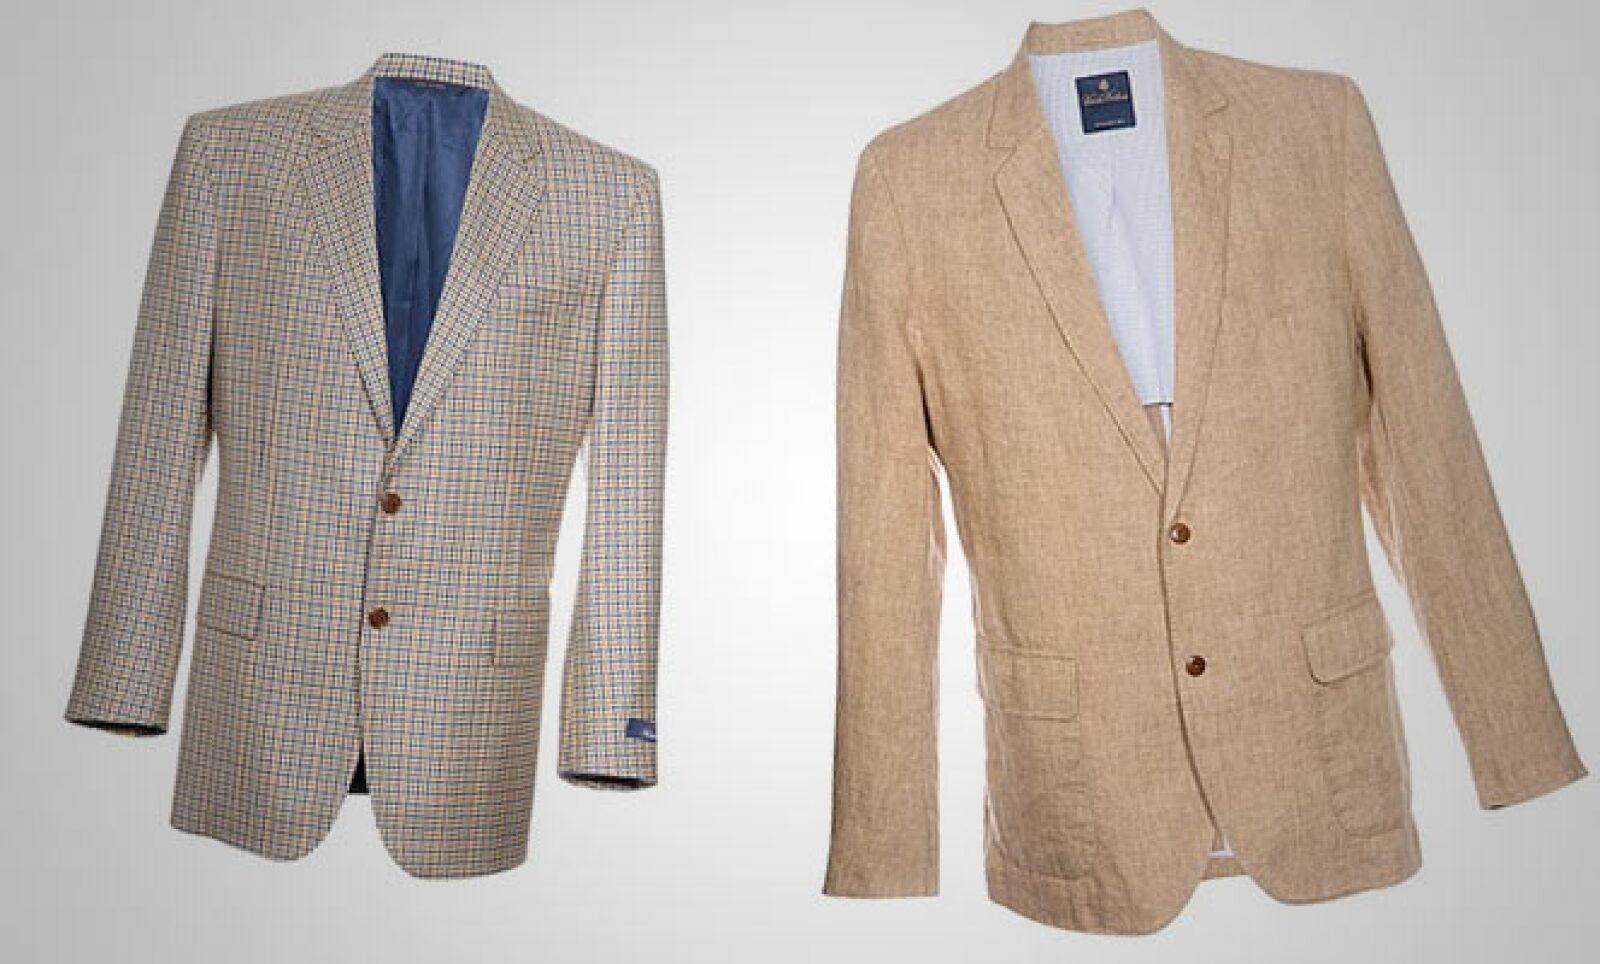 La marca estadounidense lanza su colección Primavera/Verano 2011, basada en cortes tranquilos, cosmopolitas y con colores de la tierra.